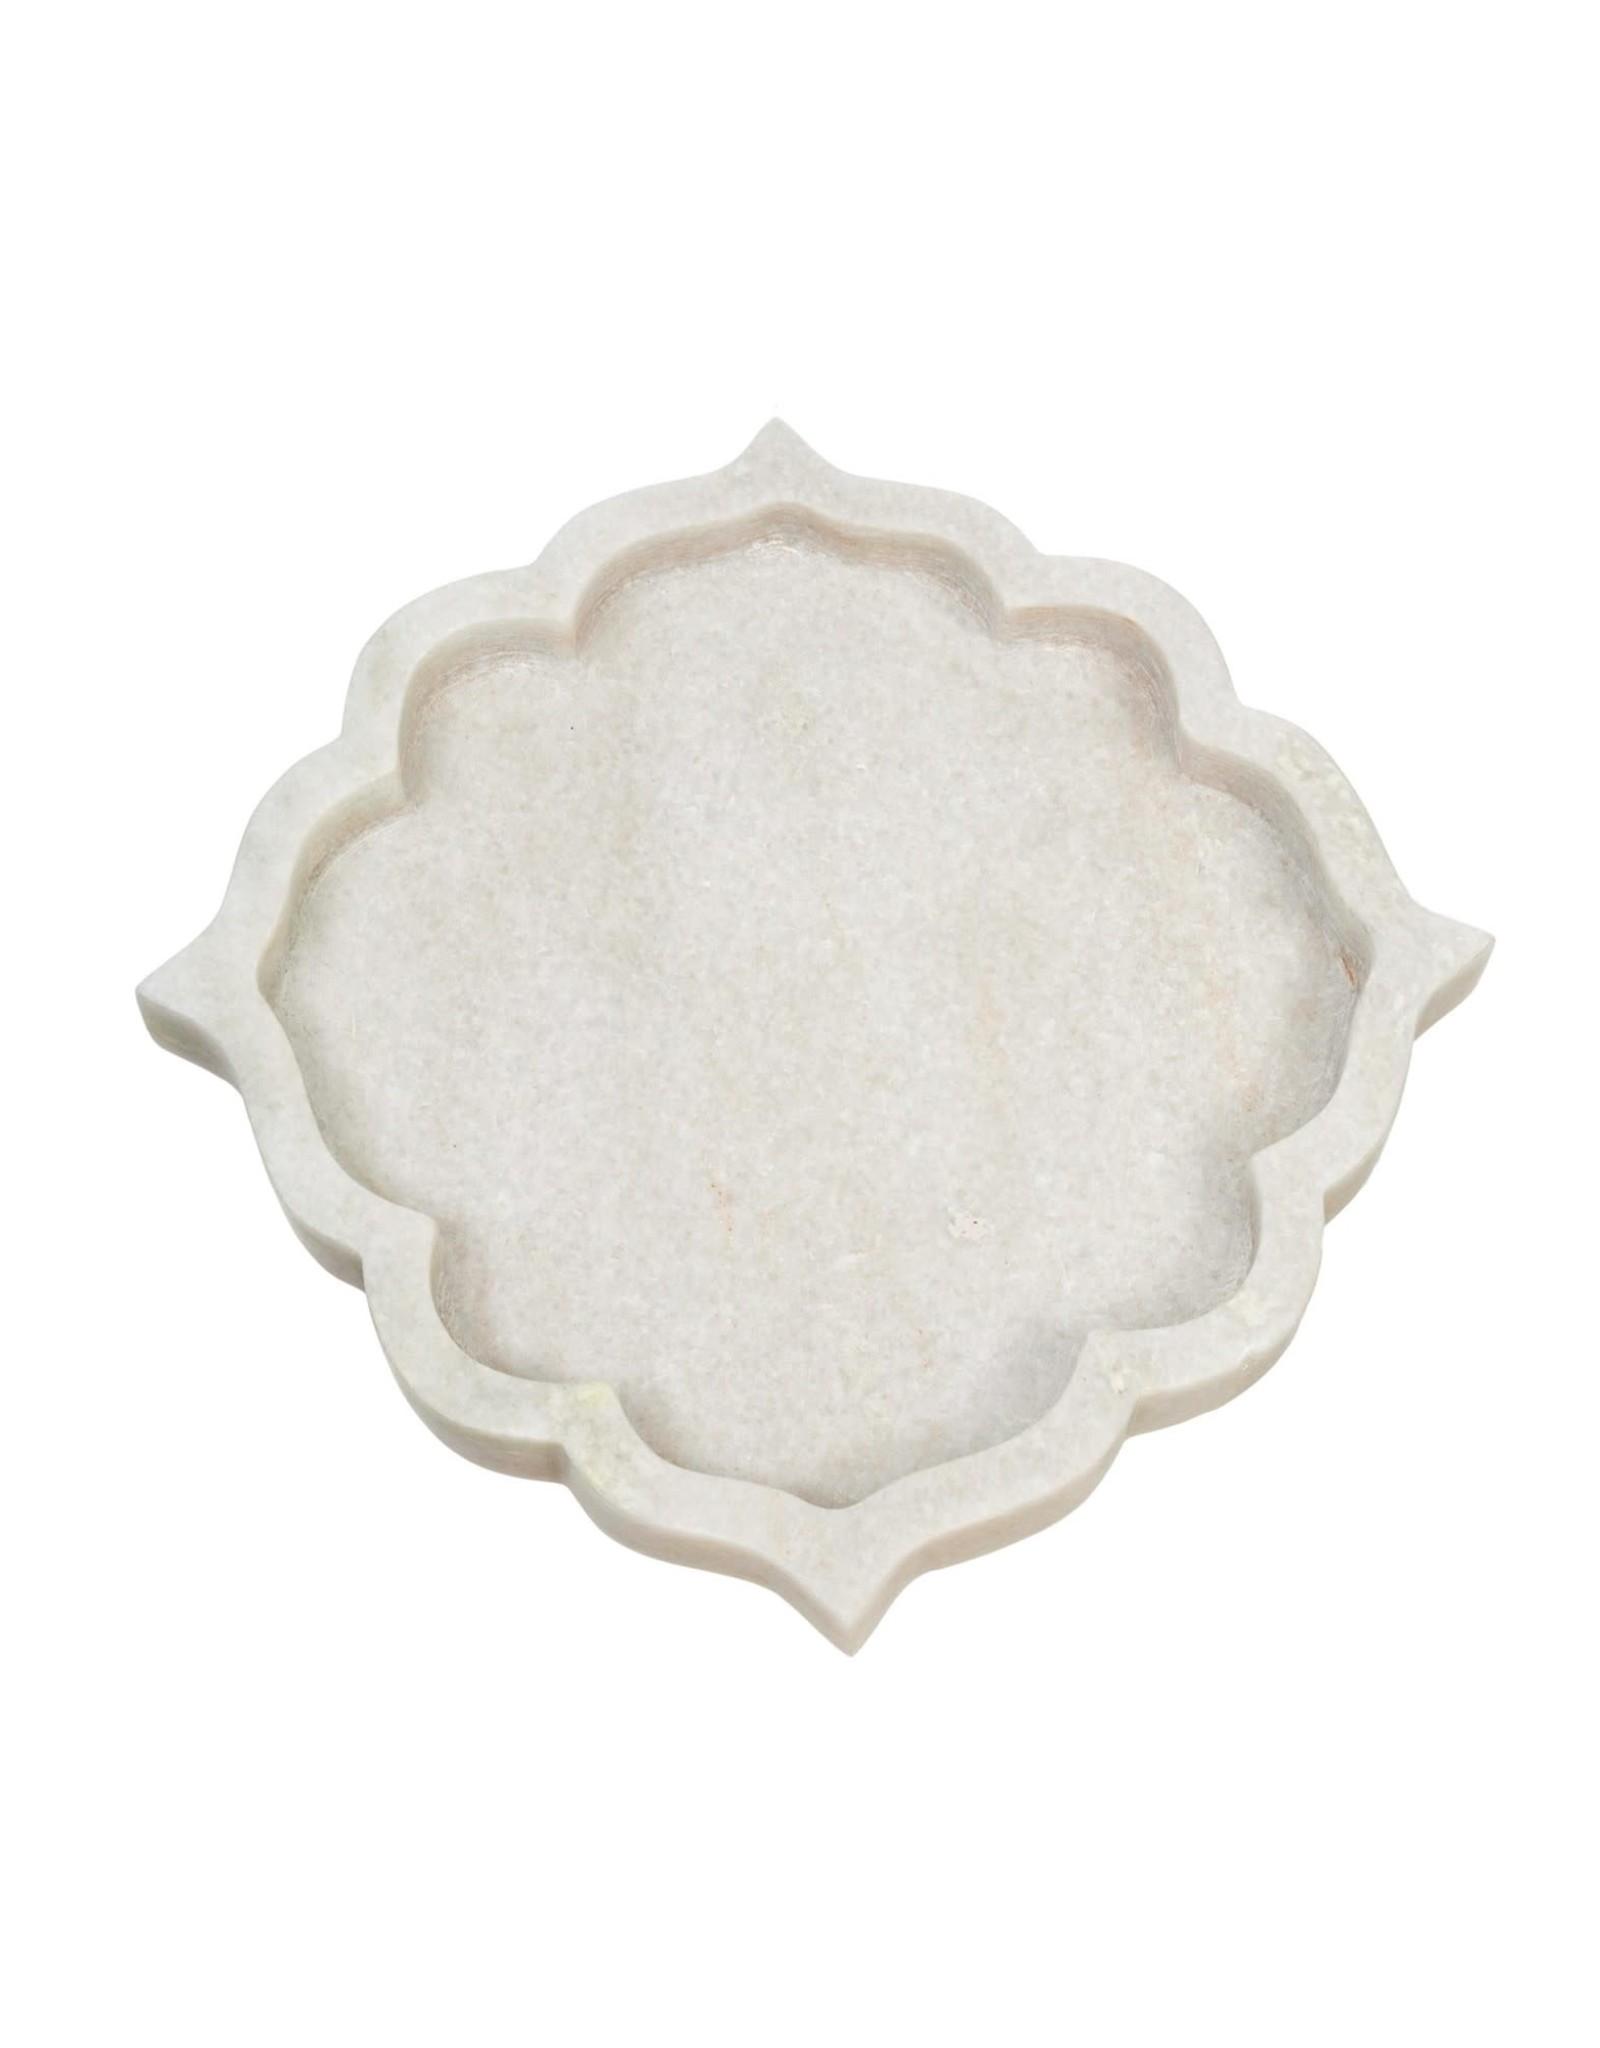 Arabesque Marble Tray - Small